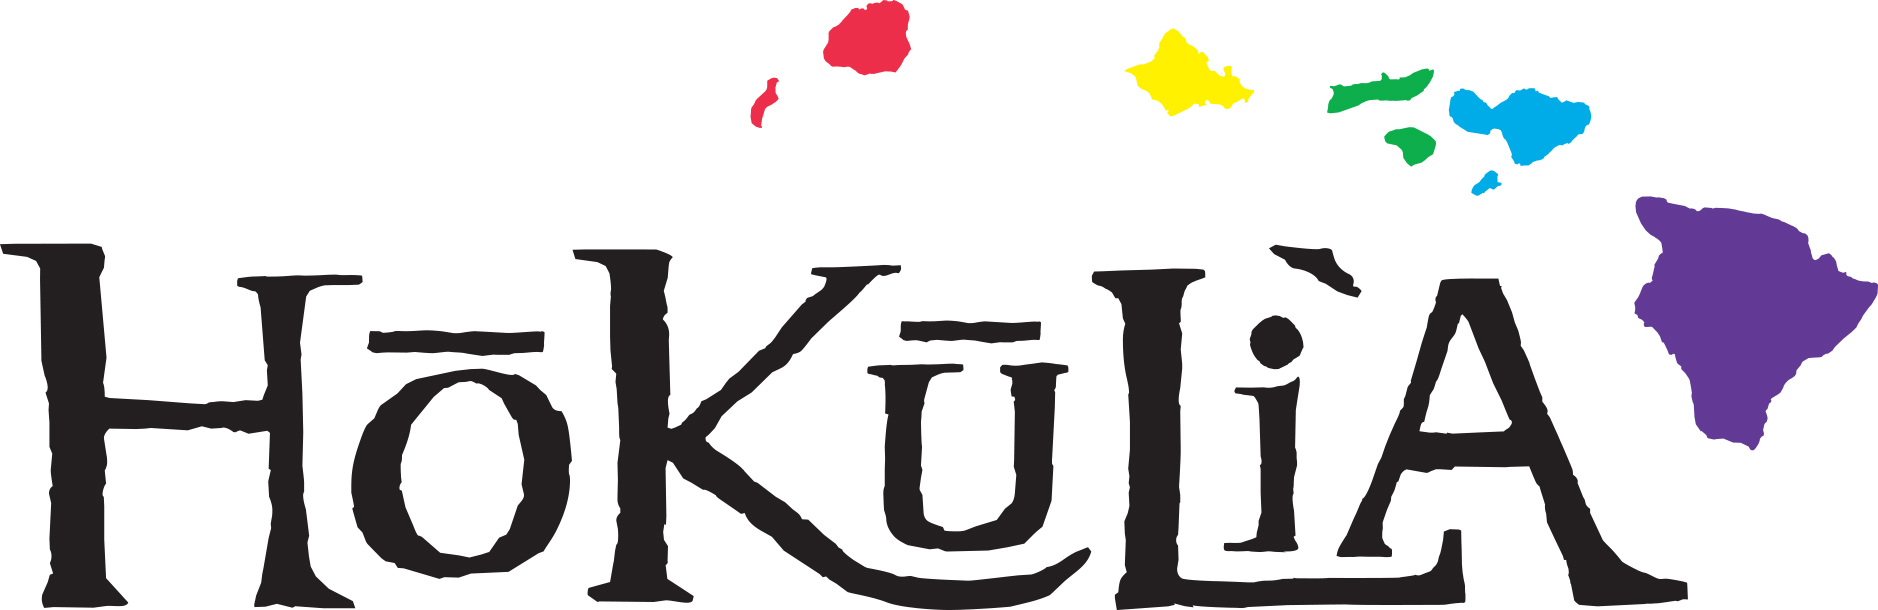 Hokulia Logo